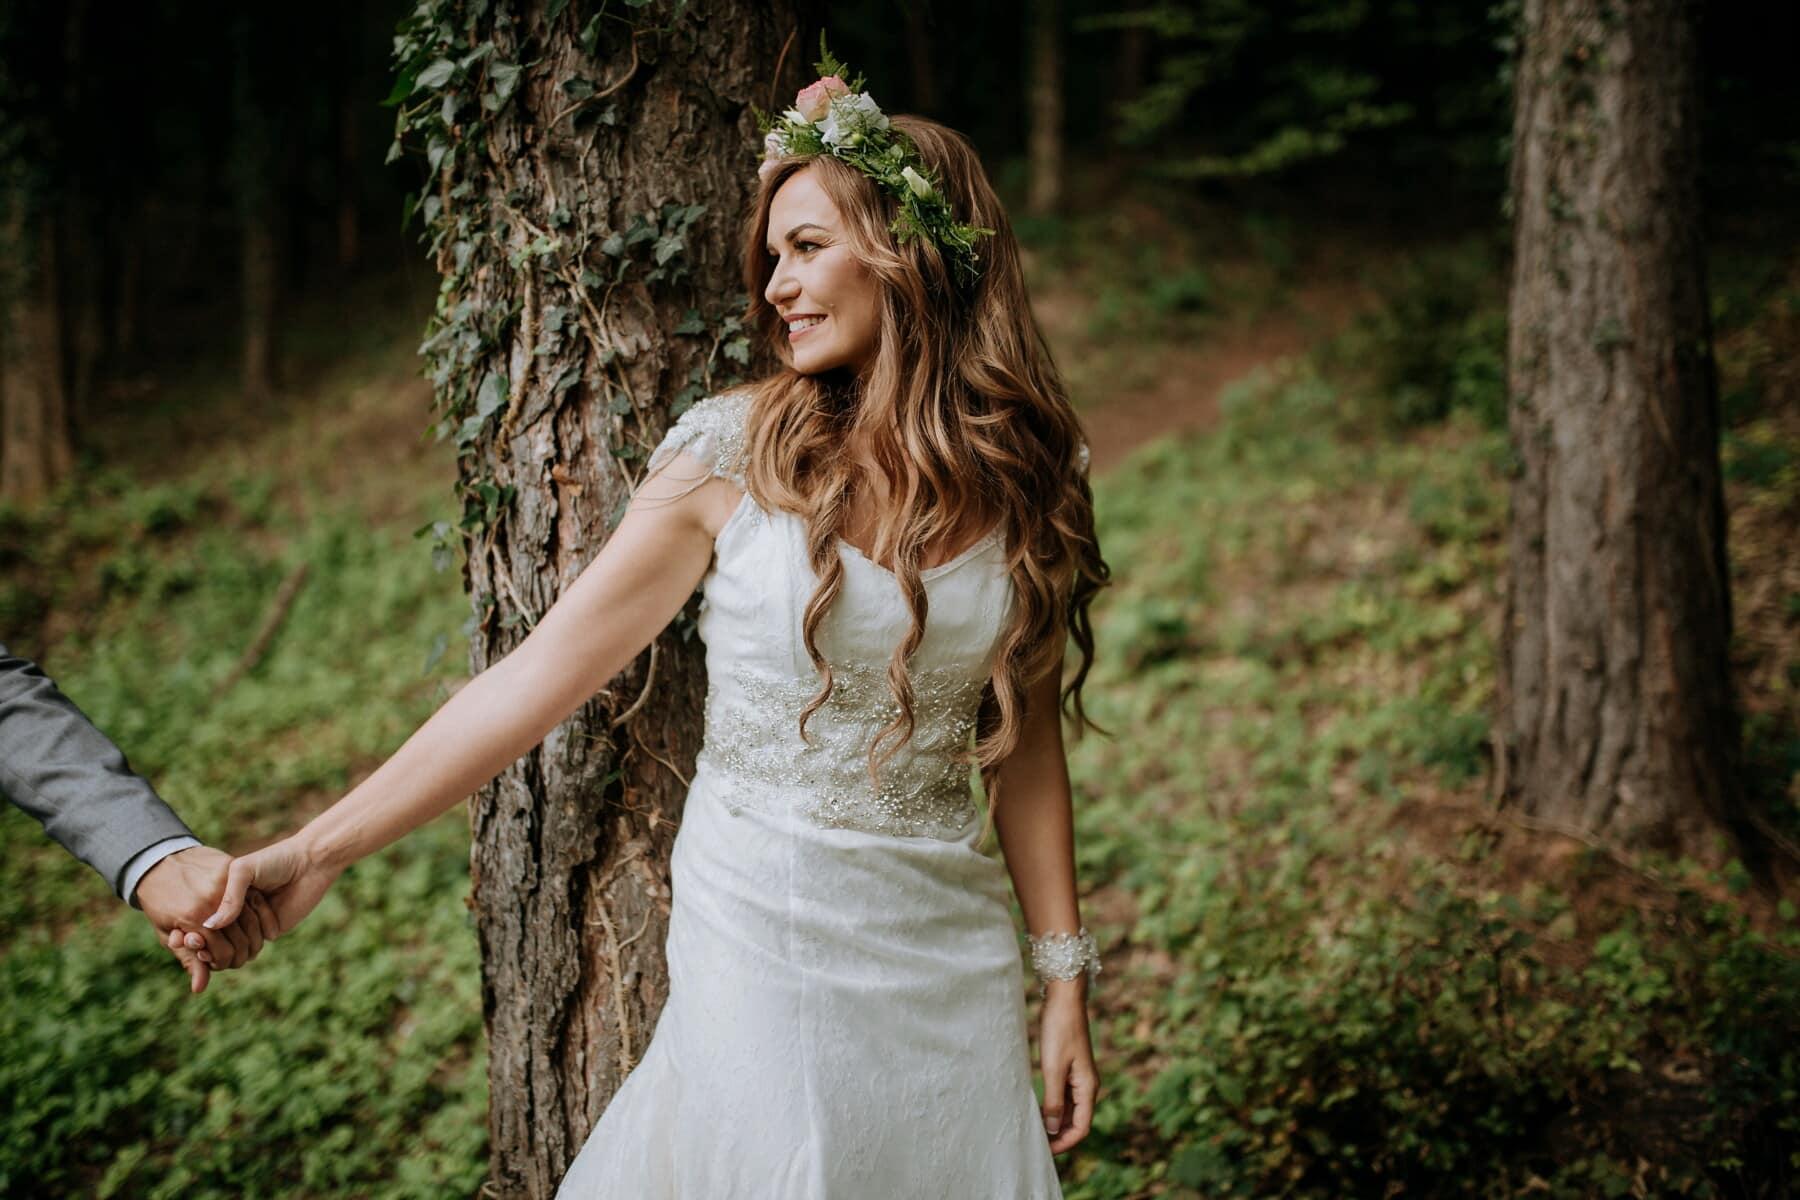 déesse, nymphe, mariage, la mariée, nature, robe, mode, jeune fille, bois, femme